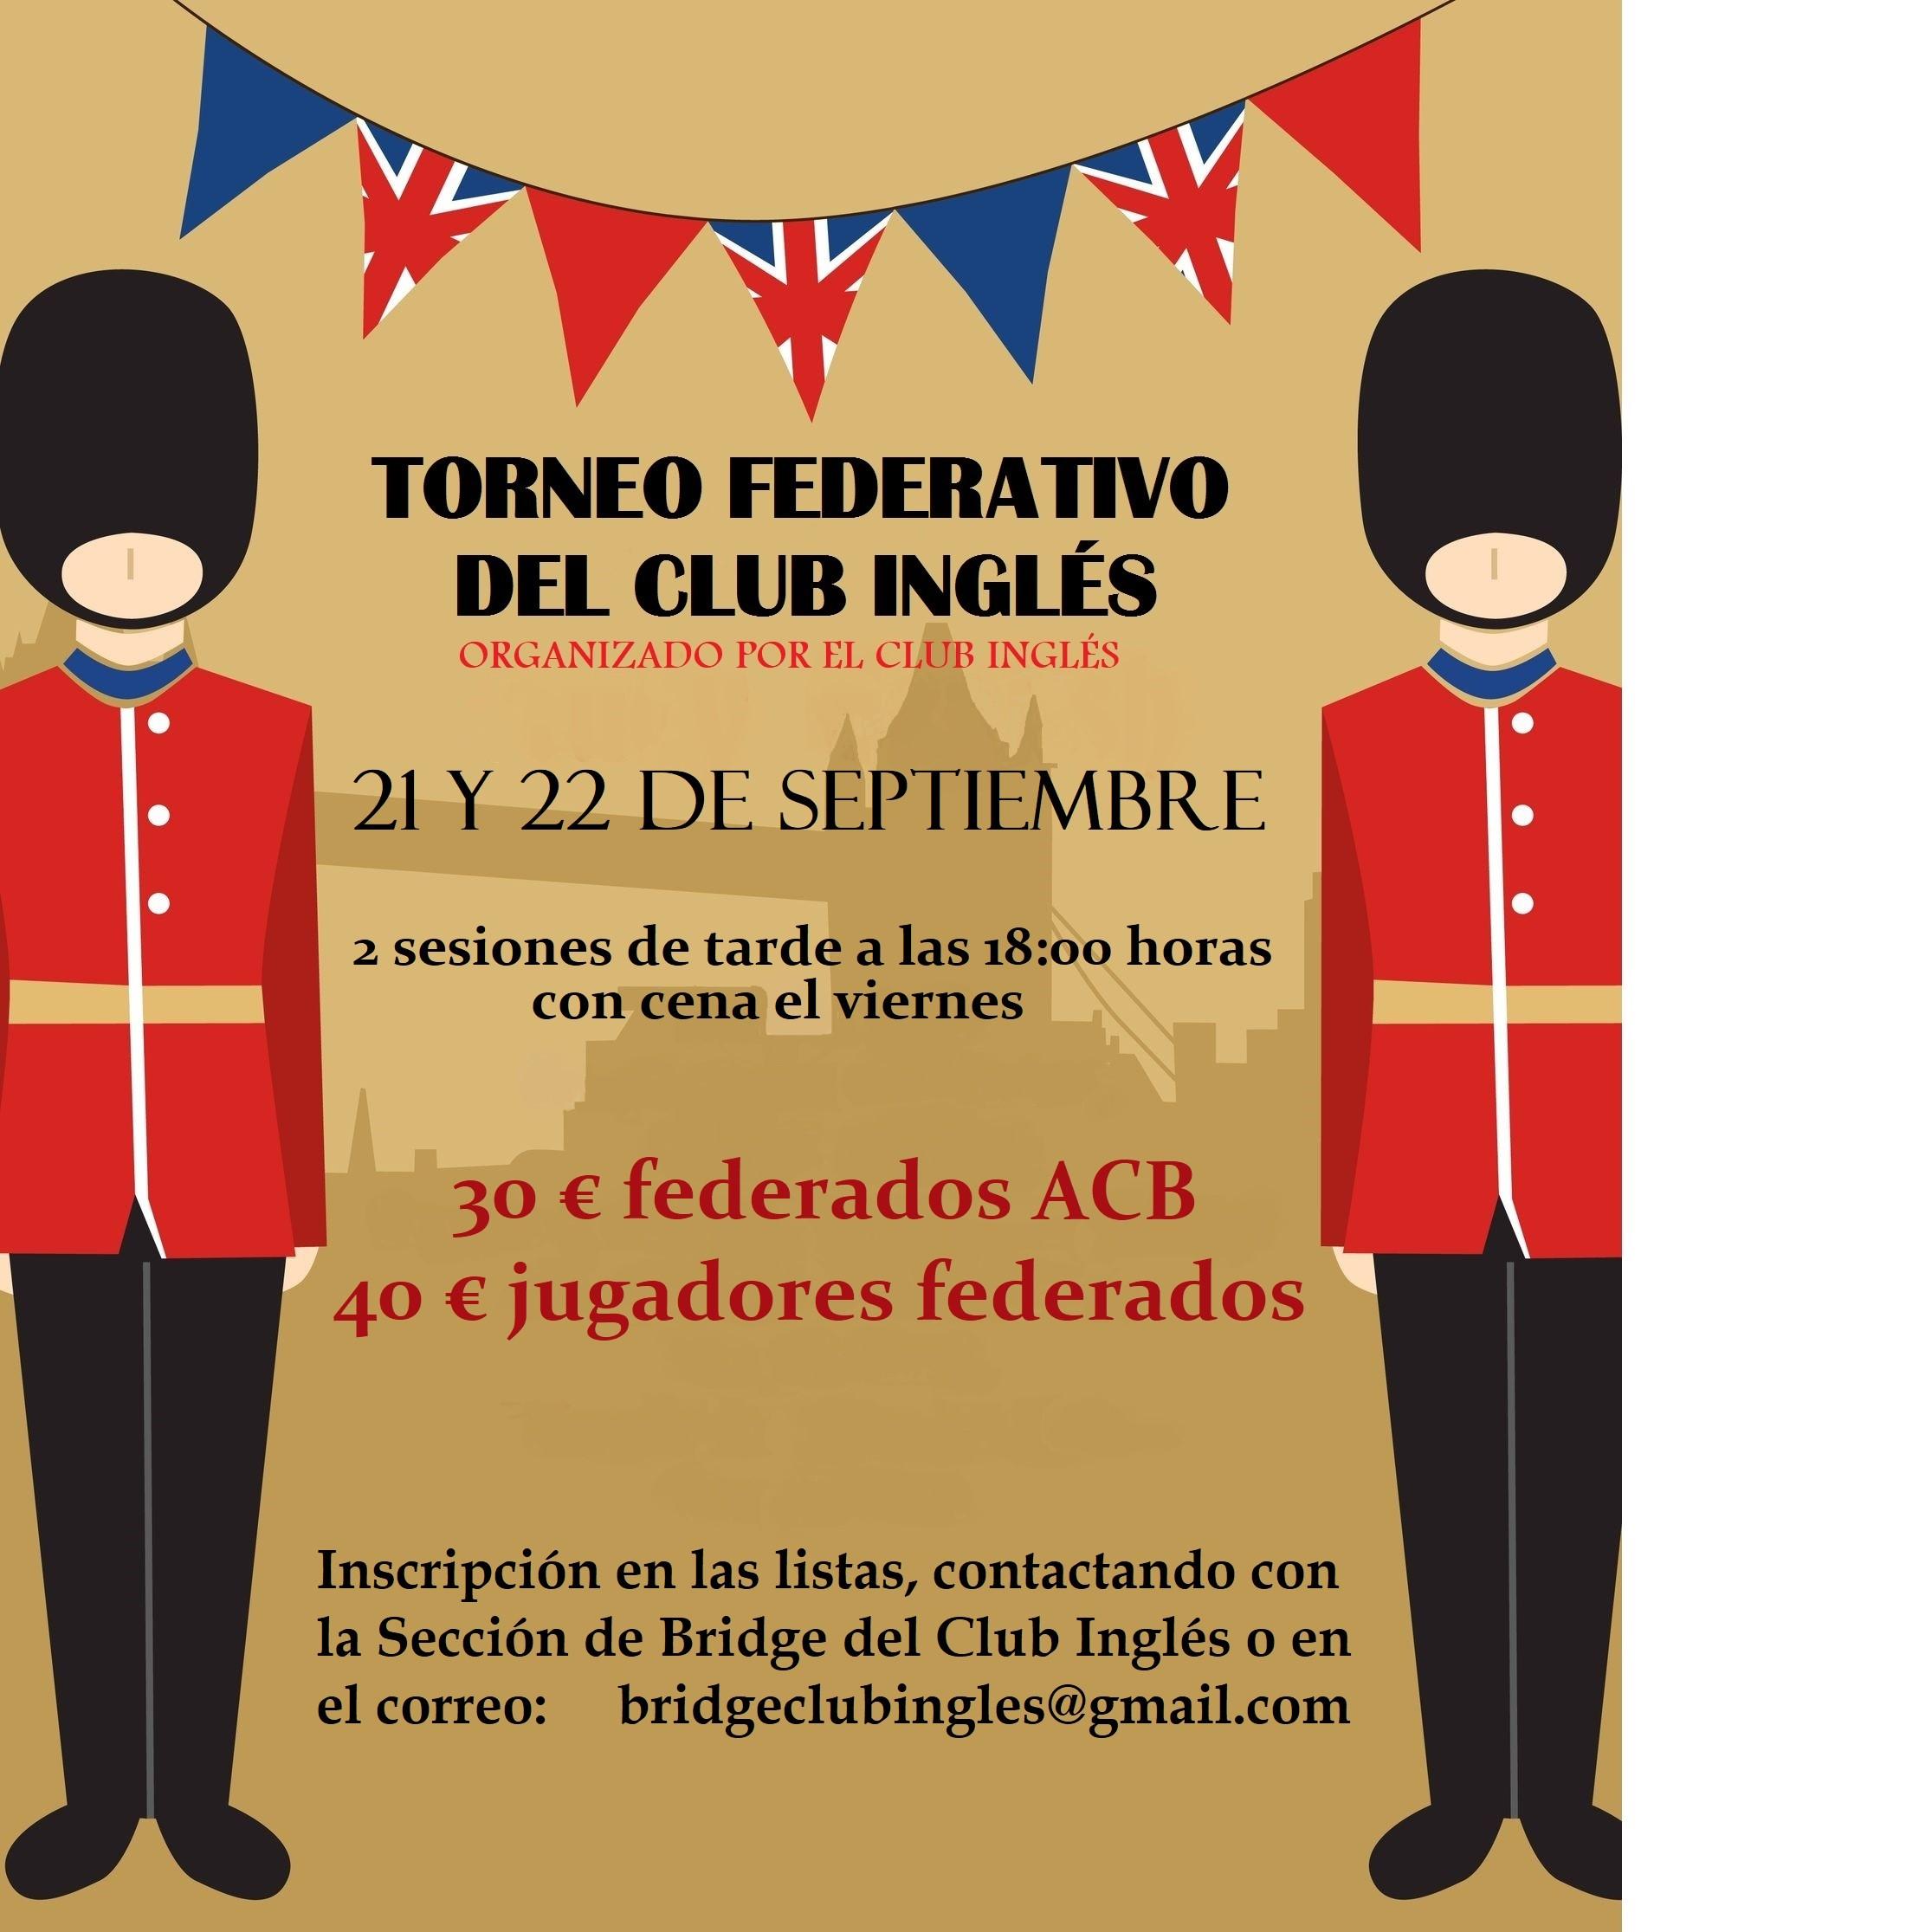 TORNEO DE BRIDGE THE BRITISH CLUB